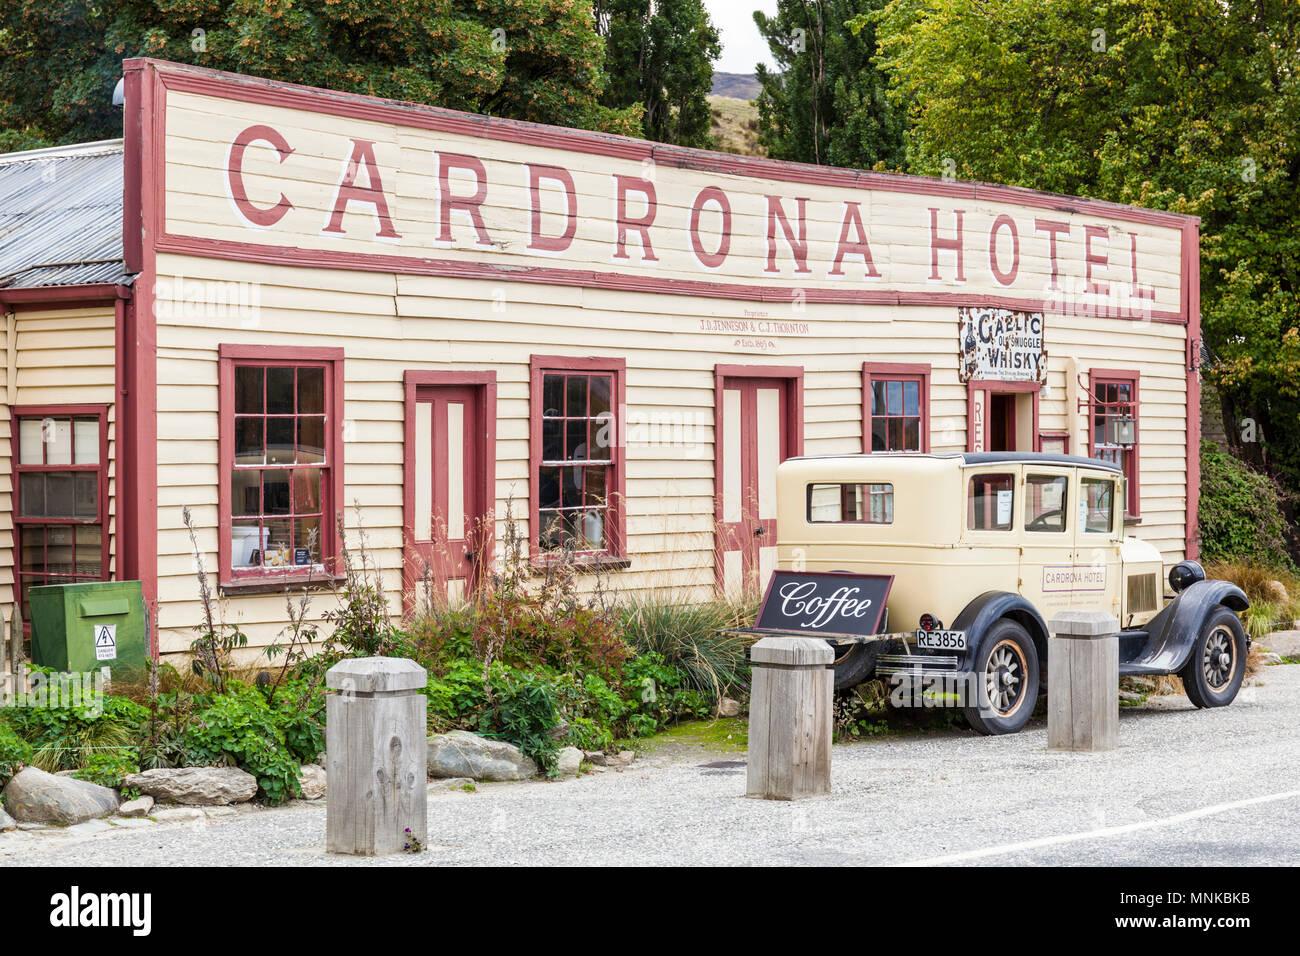 Nuova Zelanda cardrona hotel situato in una ex goldrush città Crown Range road cardrona'Isola Sud della Nuova Zelanda Immagini Stock